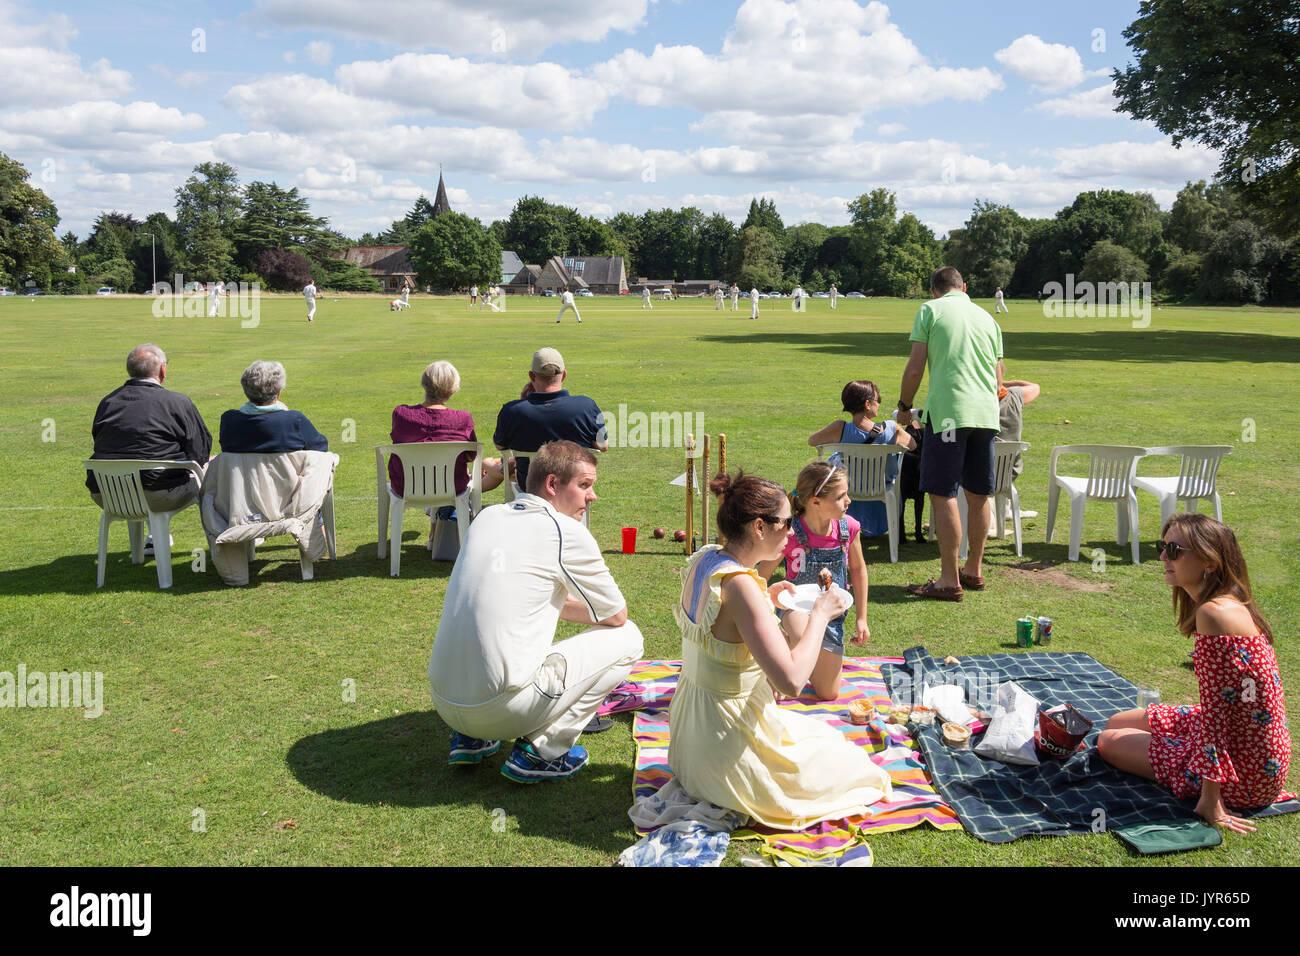 Saturday match at Chorleywood Cricket Club, Chorleywood, Hertfordshire, England, United Kingdom - Stock Image